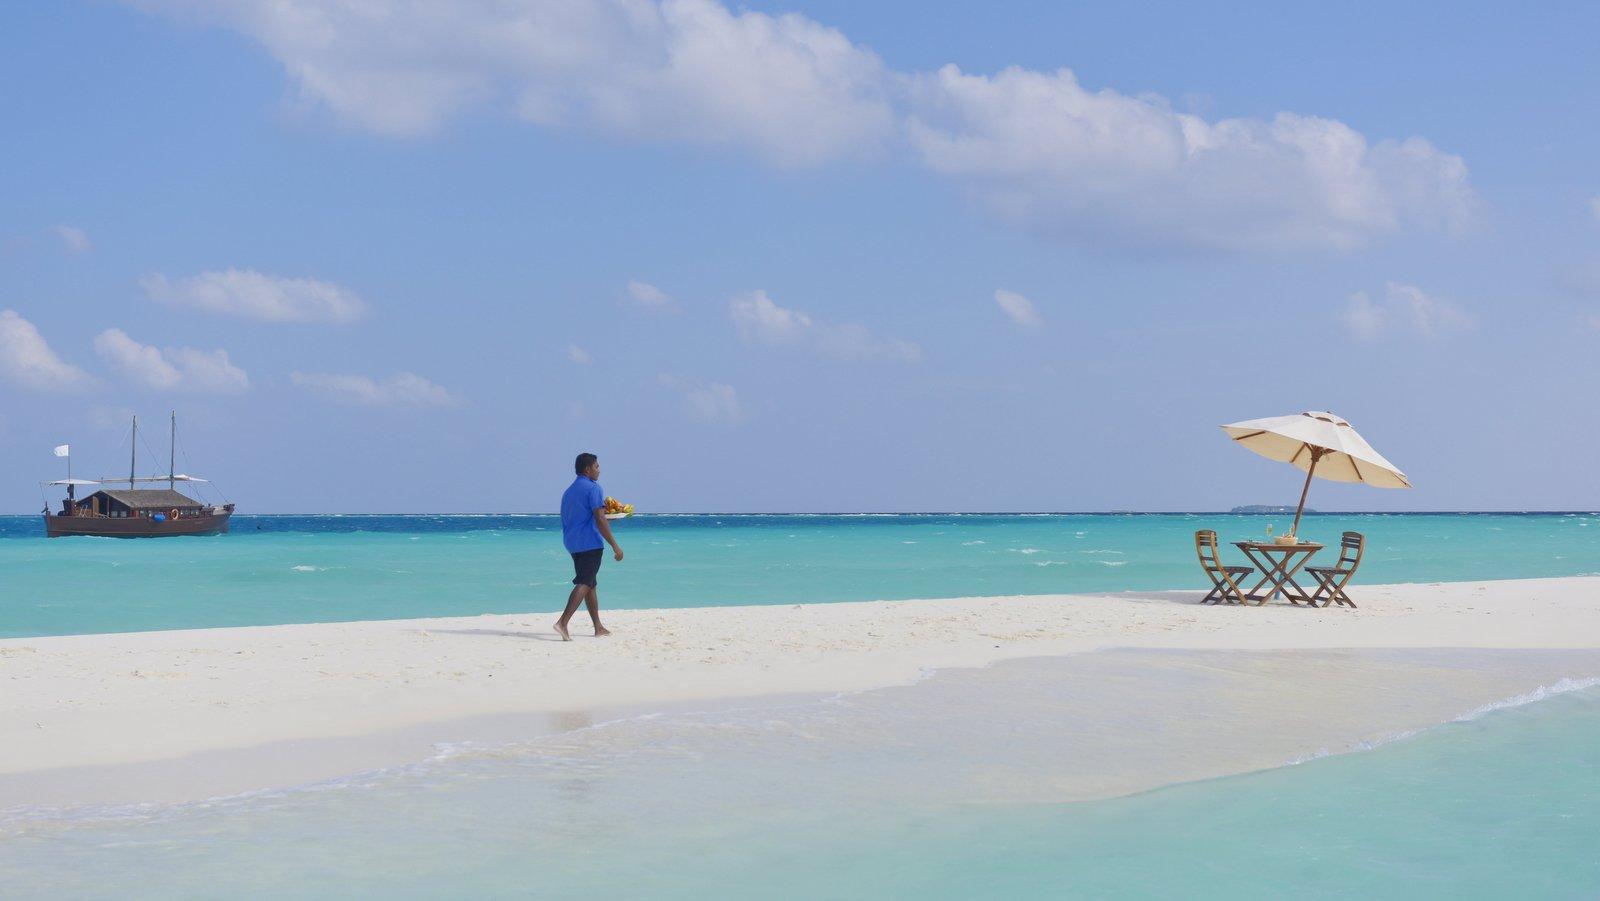 Мальдивы, отель Safari Island Resort & Spa, пляж